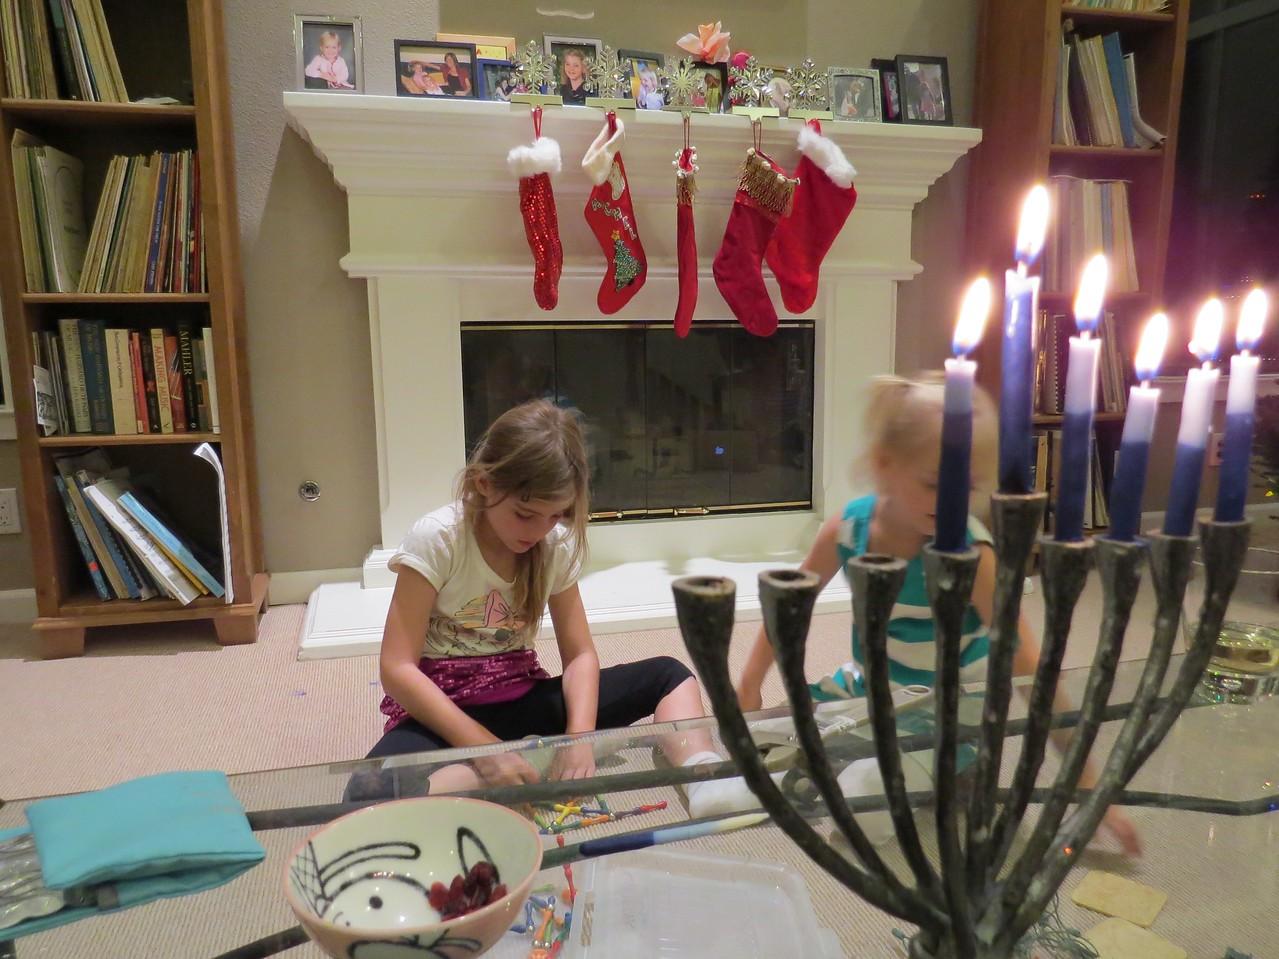 Christmas stockings and the menorah